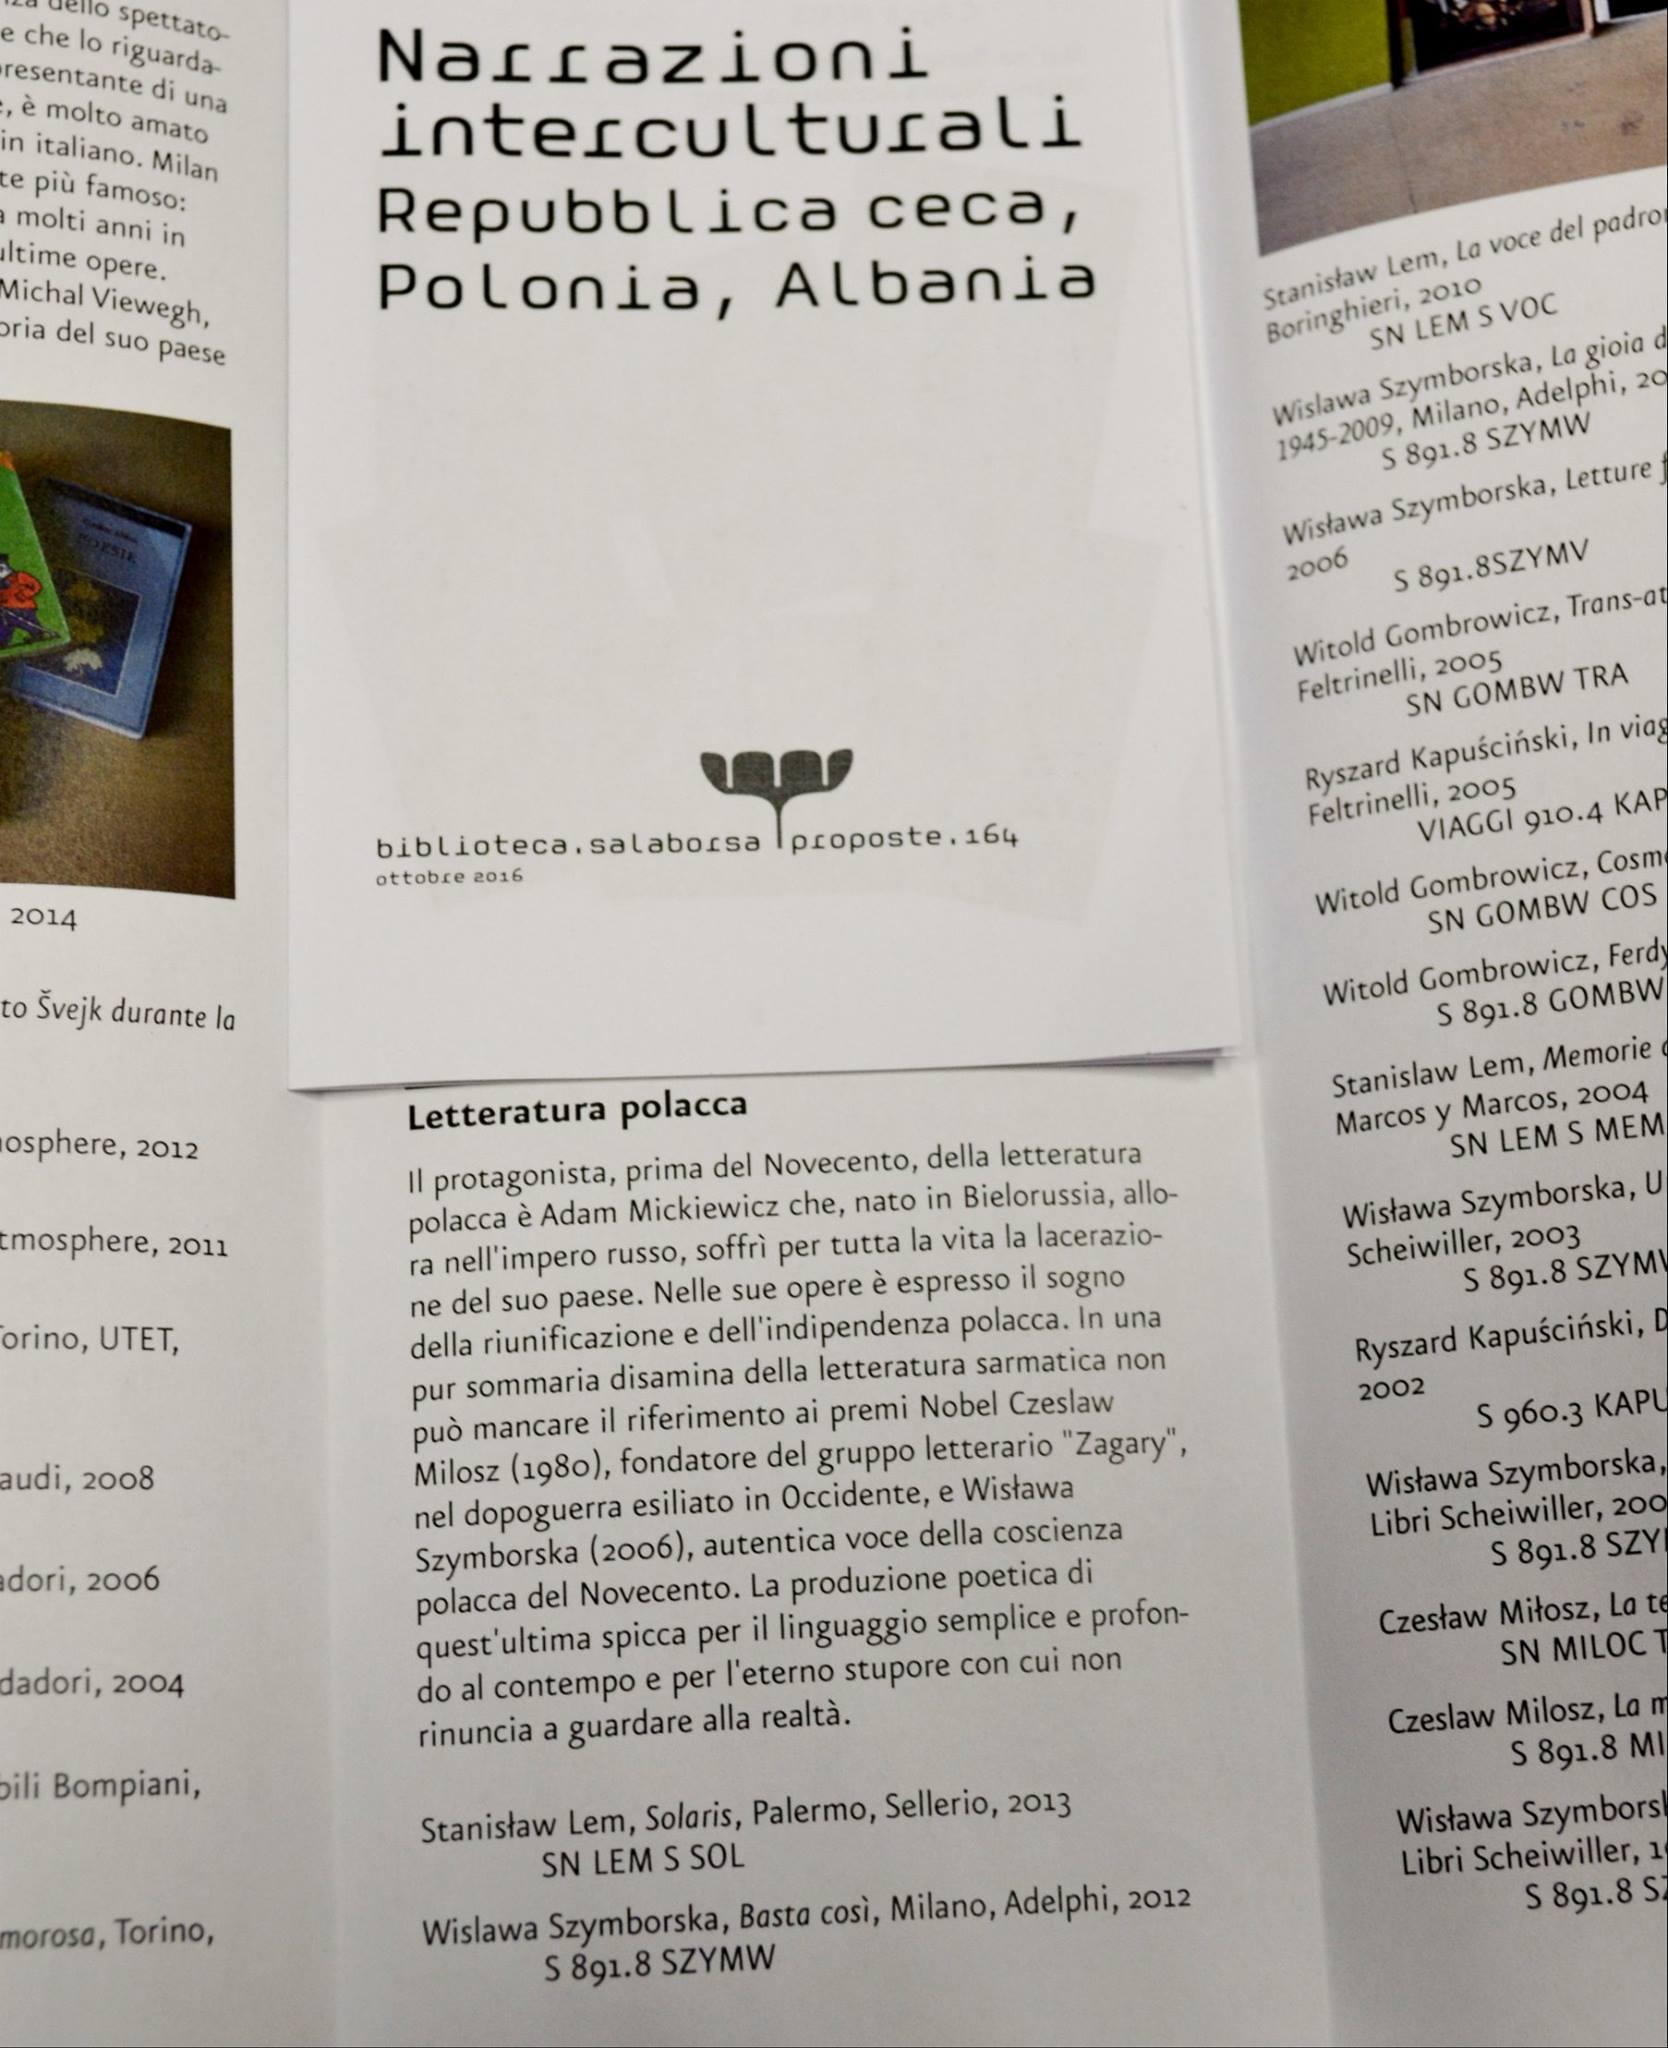 bolonia-wieczor-literatury-1-polacy-we-wloszech